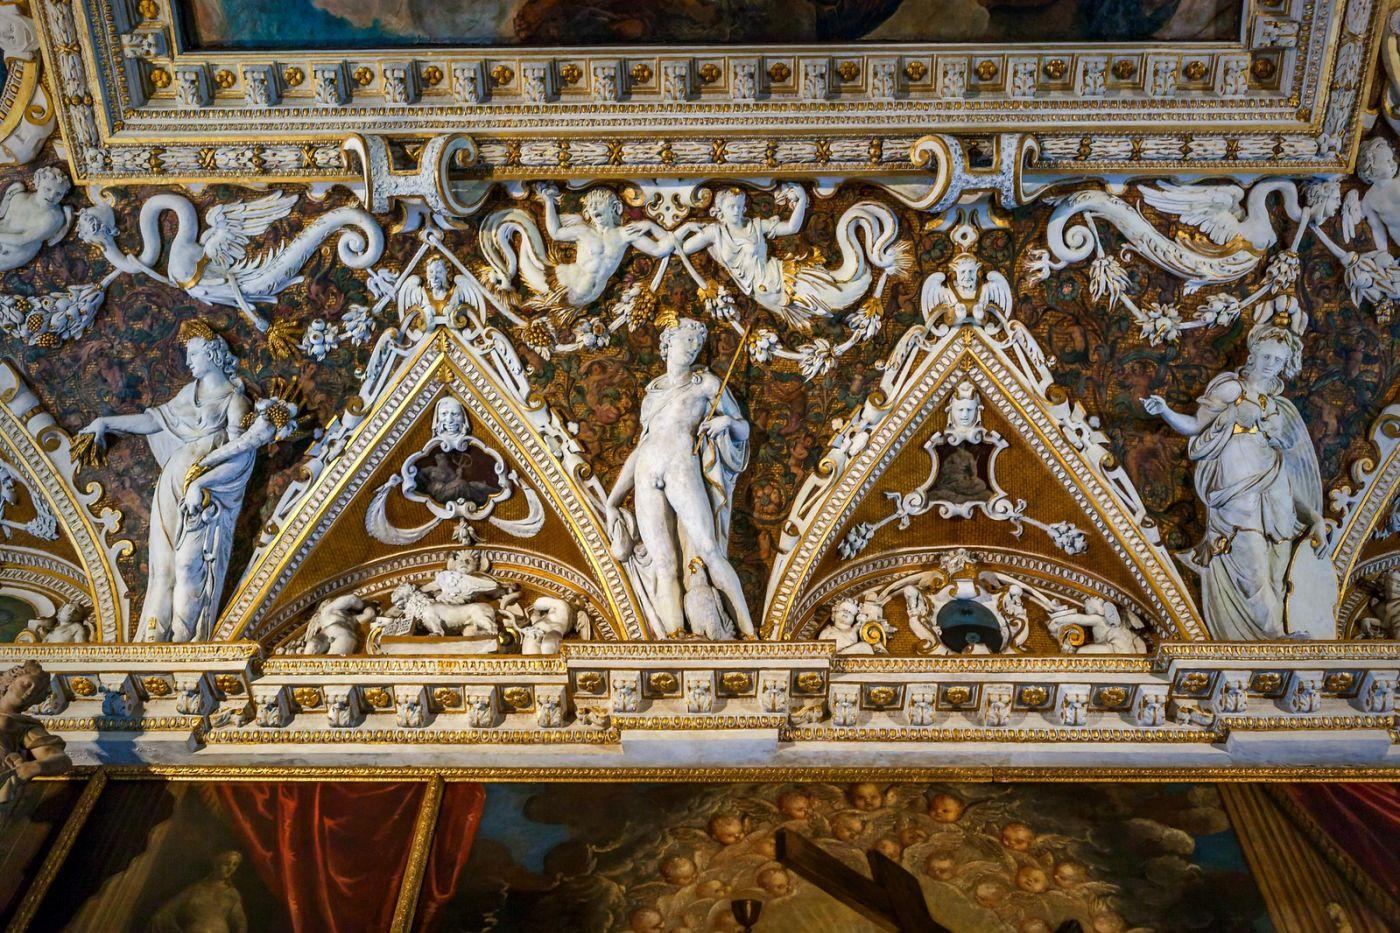 威尼斯圣马可大教堂(St Mark's Basilica), 精雕细琢的顶设_图1-2